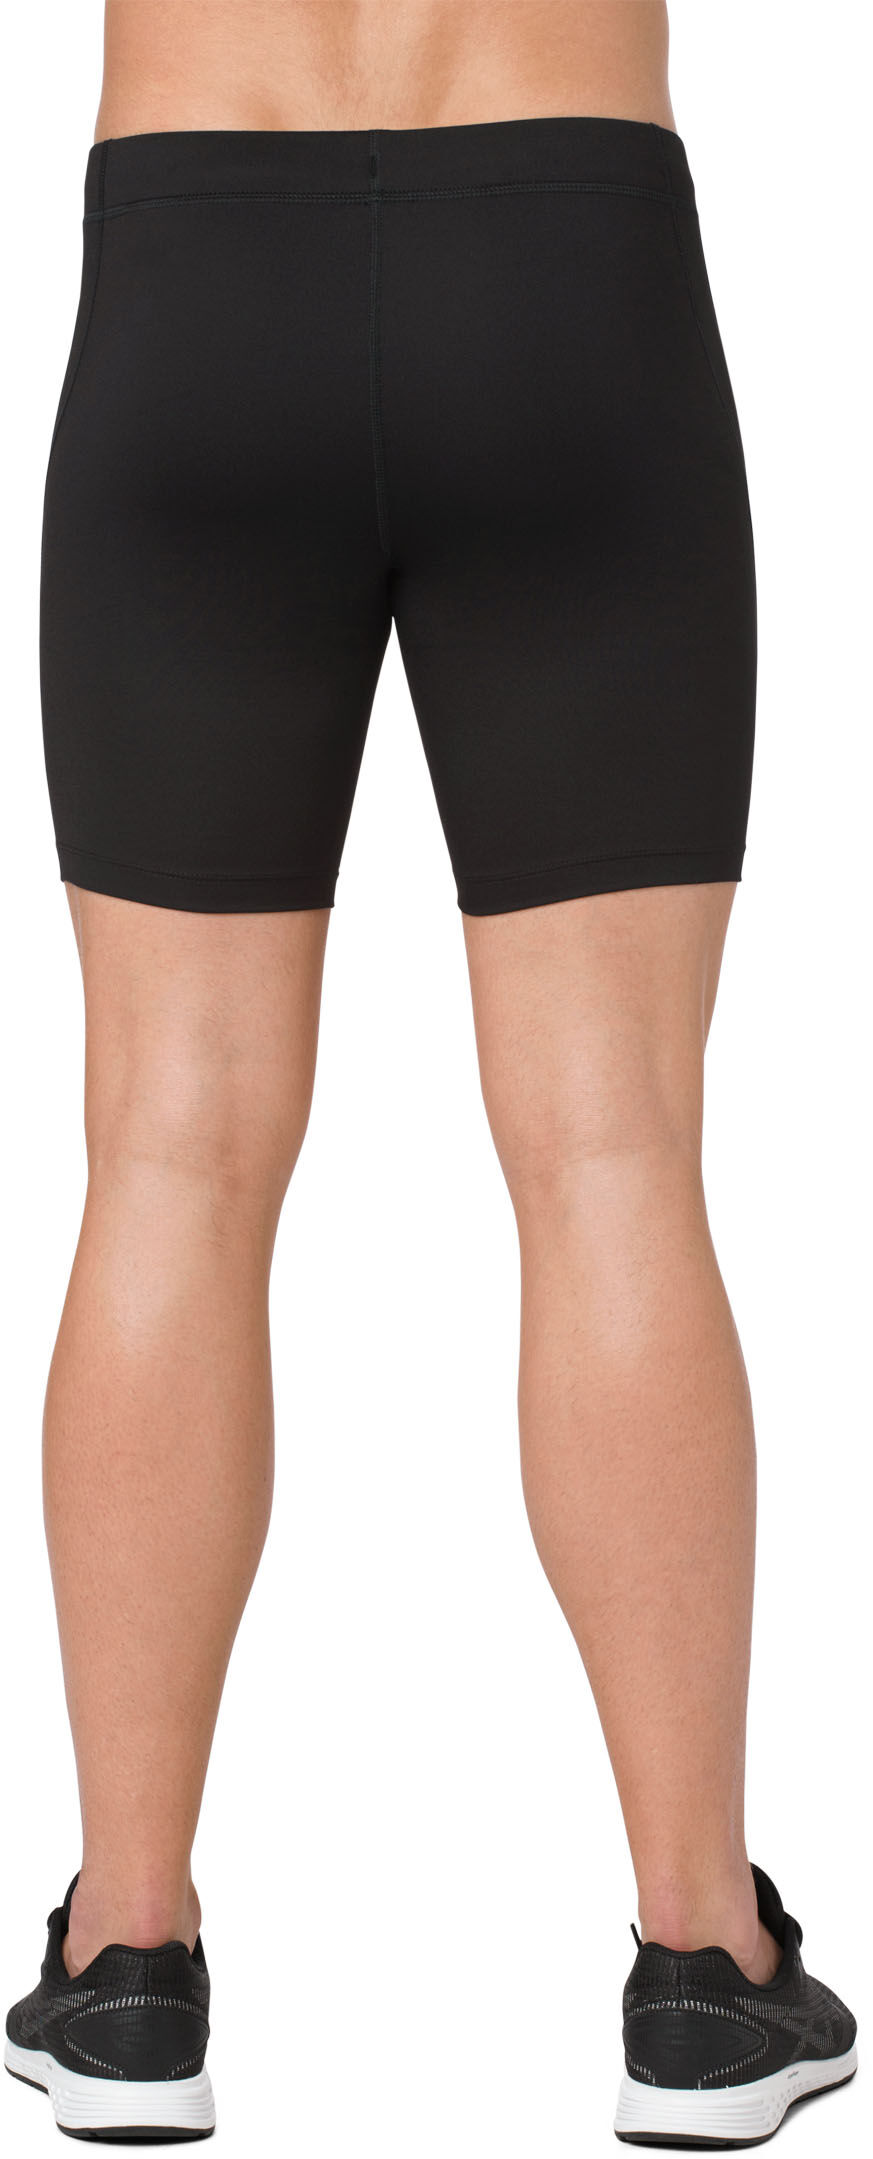 Silver 7in Sprinter Asics · Pantalones Cortos Hombre g76Ybfyv